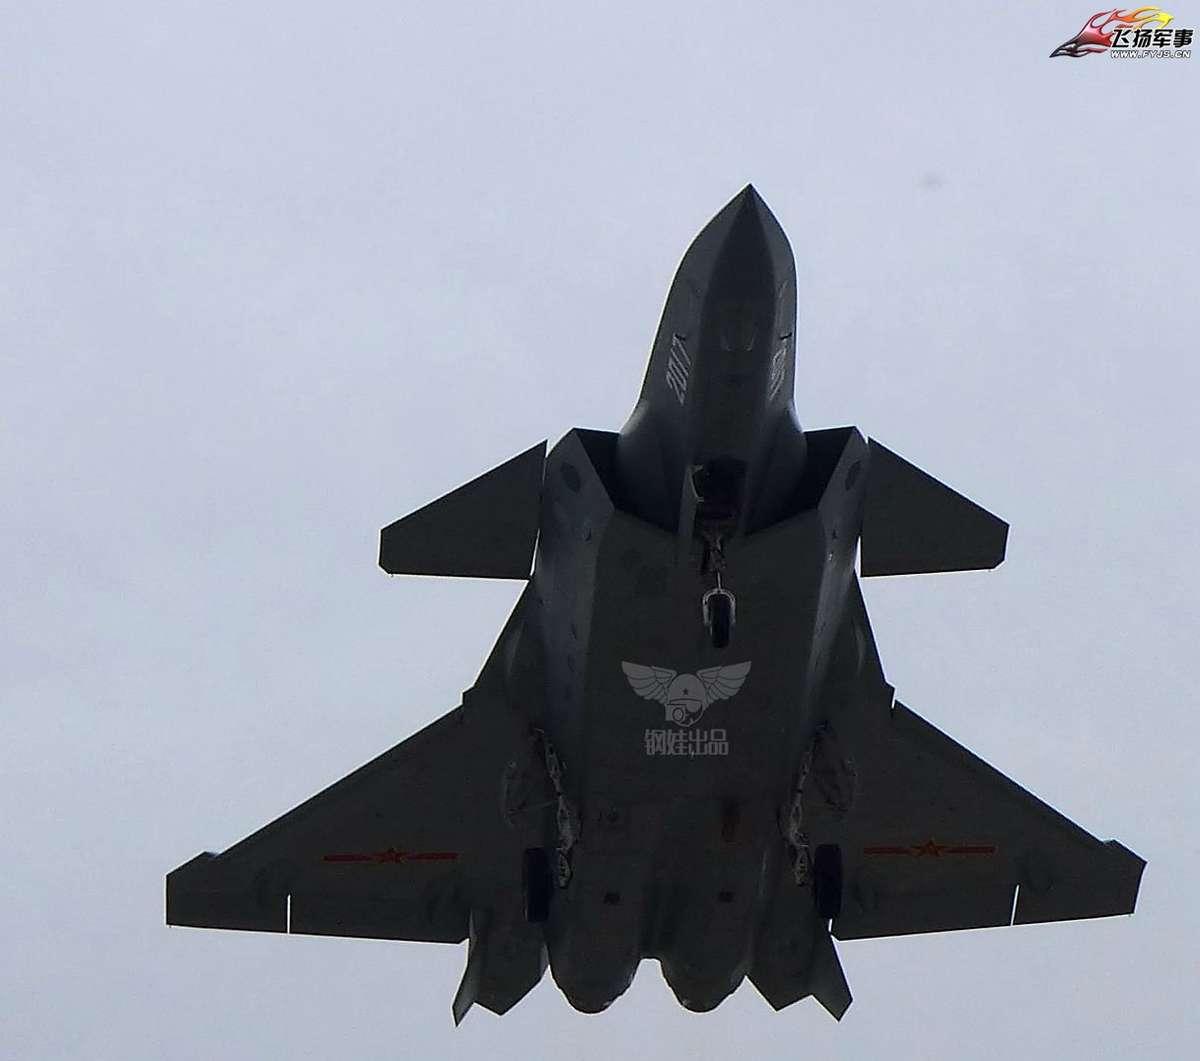 Восьмой летный прототип китайского истребителя J-20